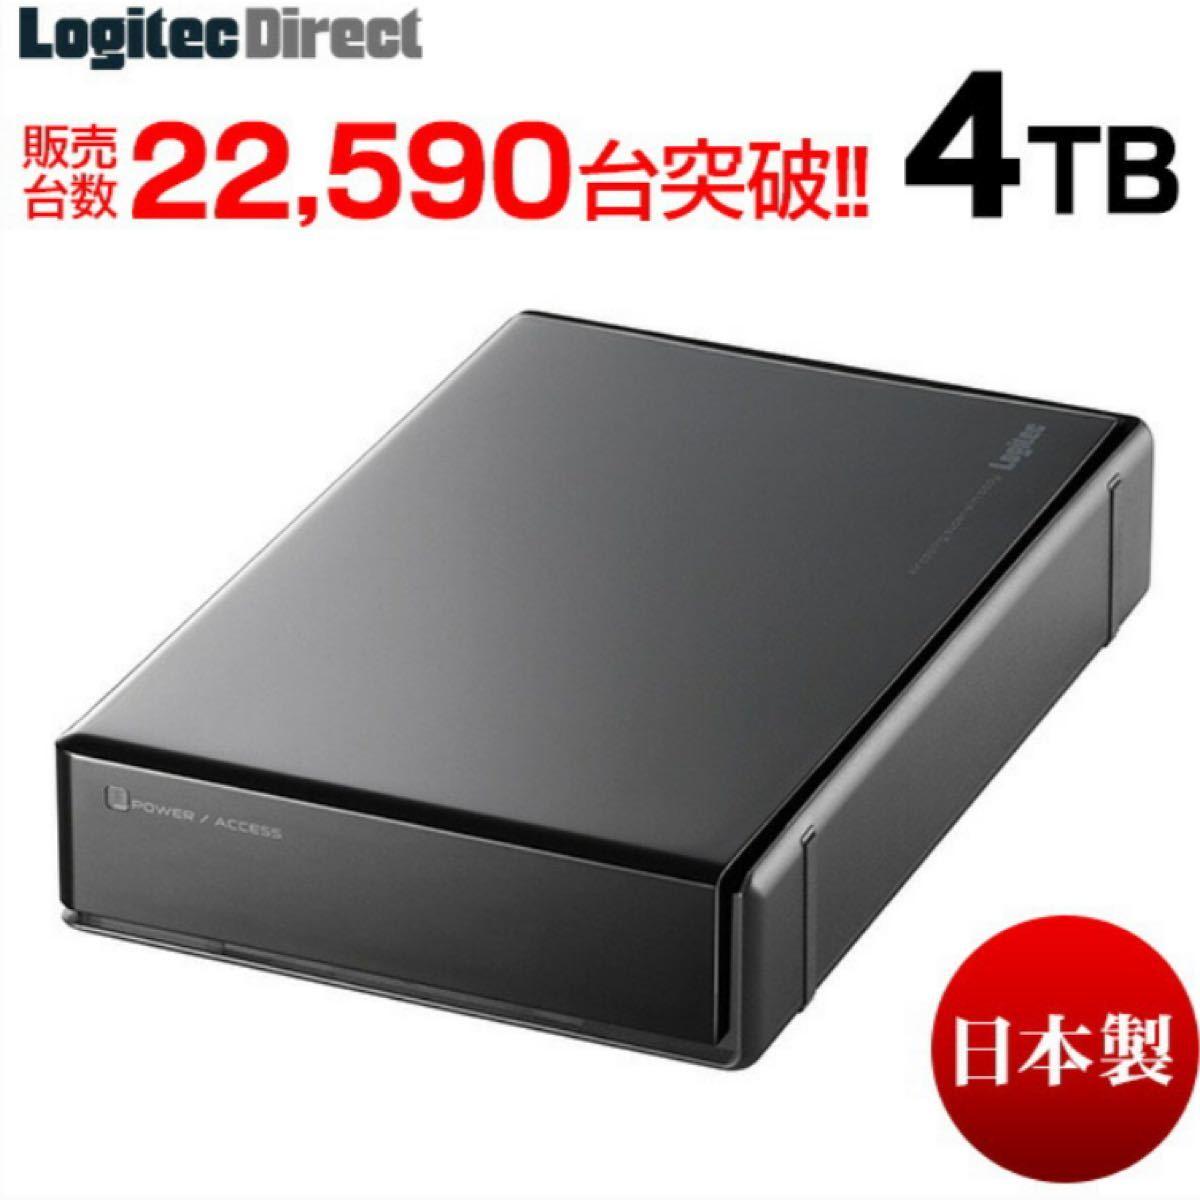 ロジテック 外付けHDD 外付けハードディスク 4TB